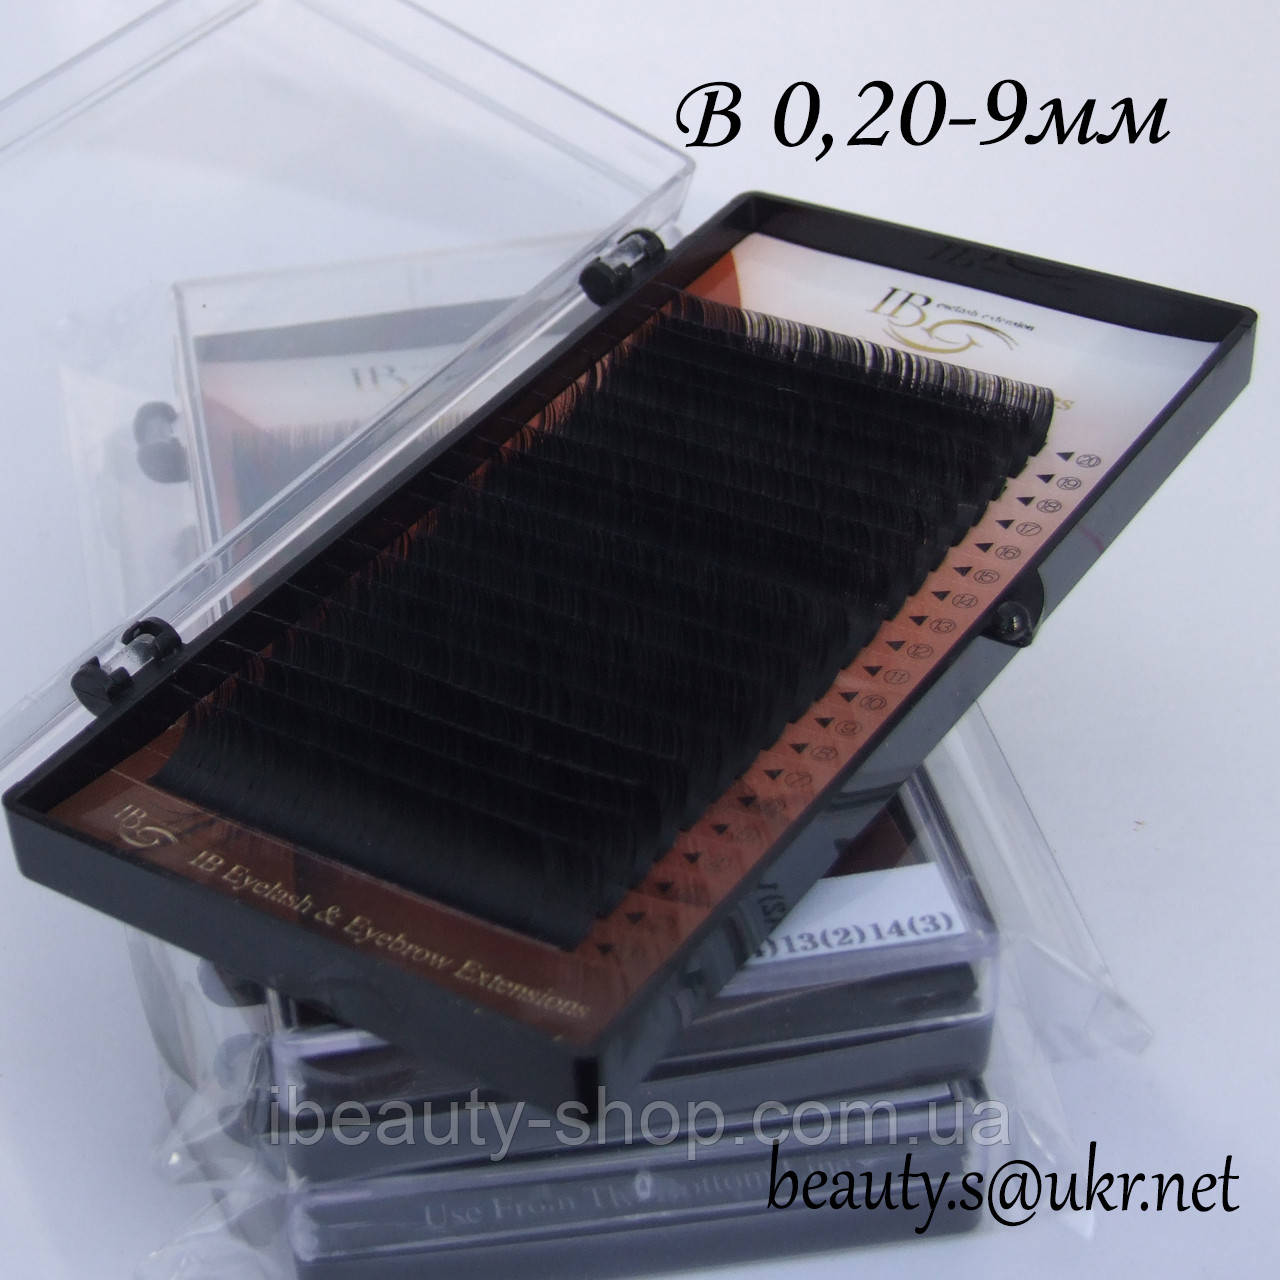 Вії I-Beauty на стрічці B 0,20-9мм